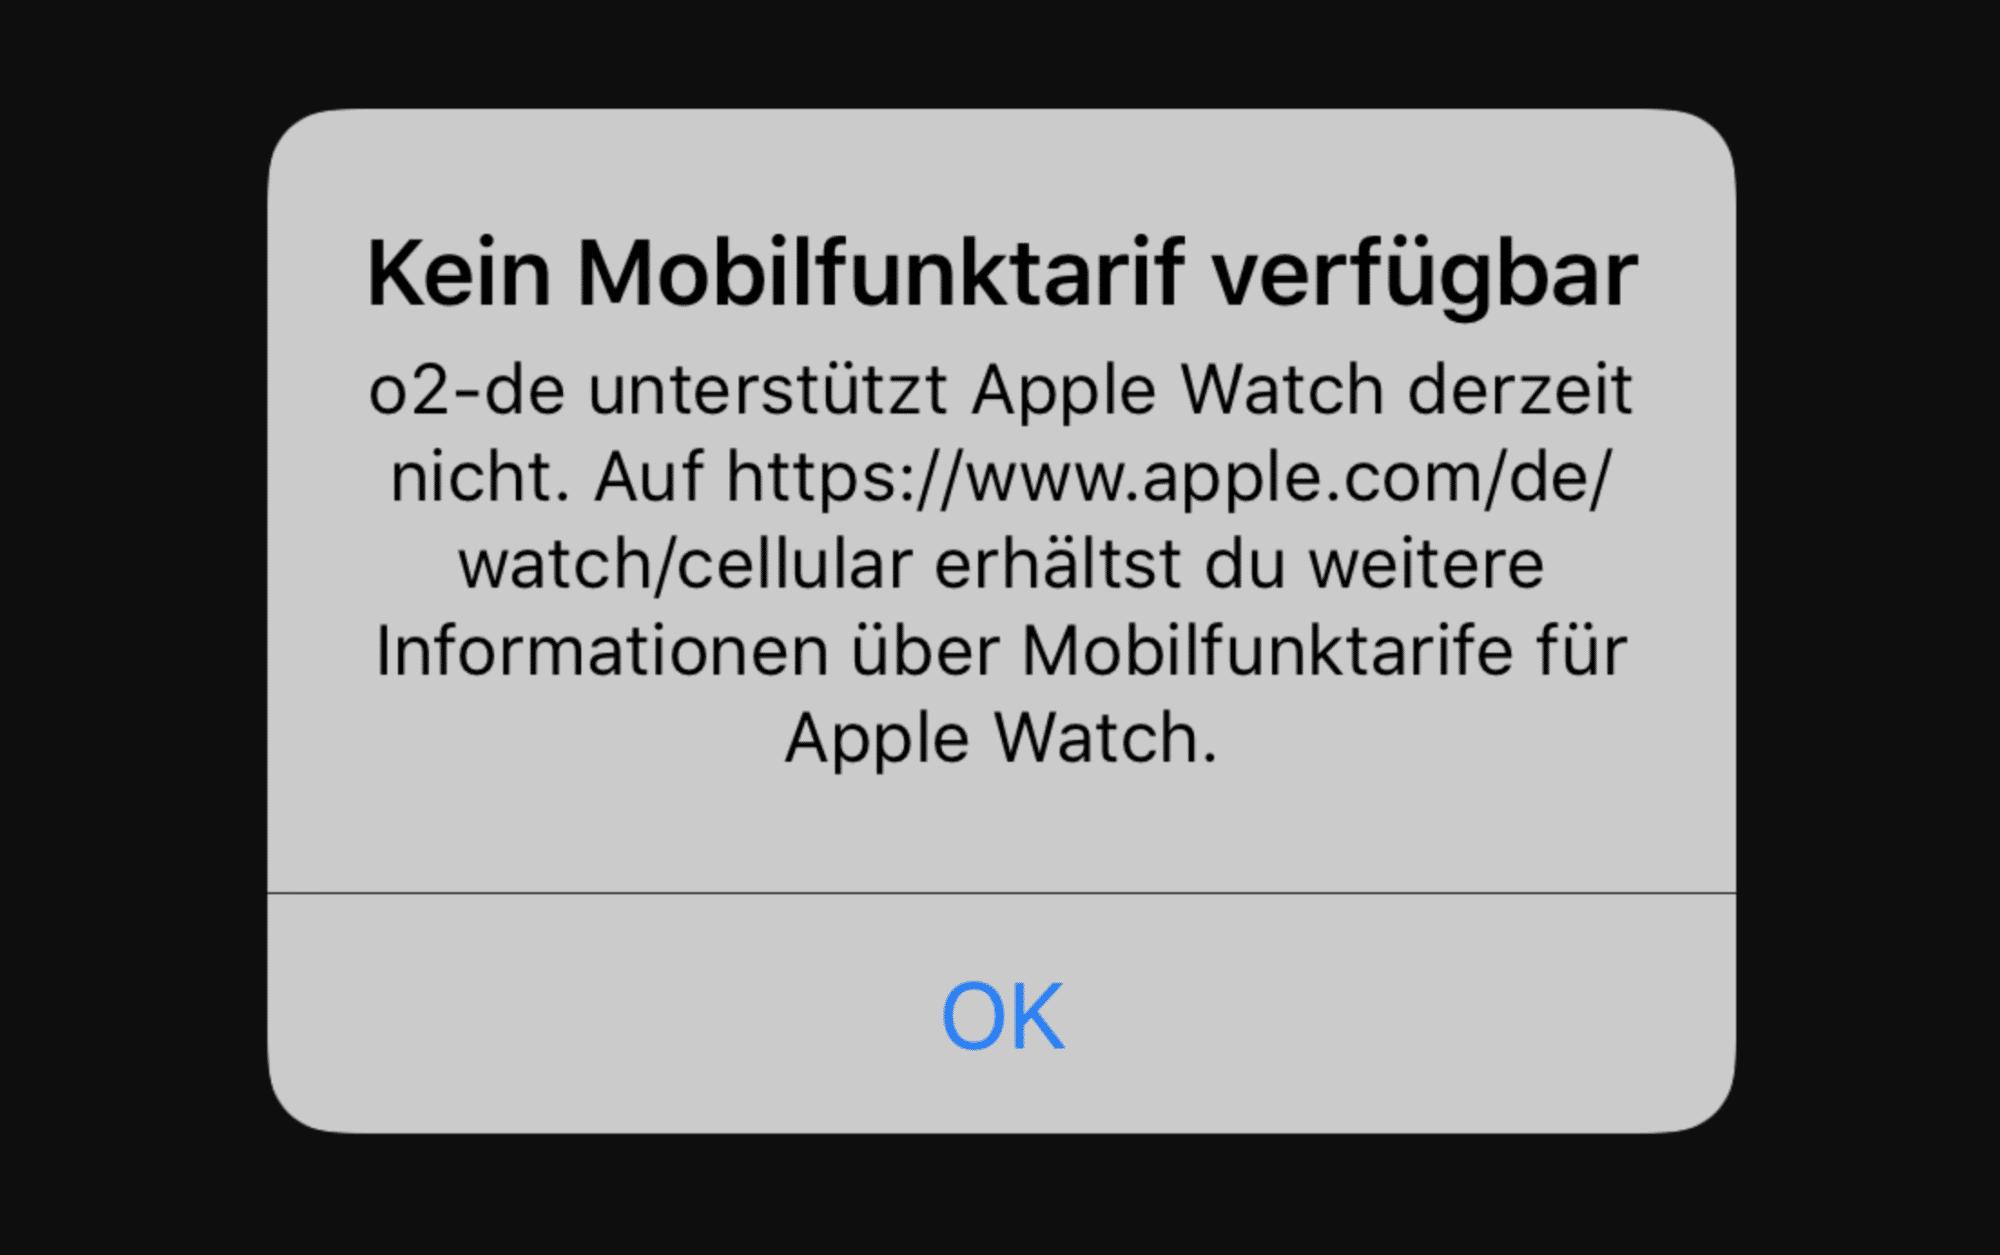 Die Watch-App auf dem iPhone zeigt eine Fehlermeldung an – die Uhr kommt nicht mehr ins O2-Netz.